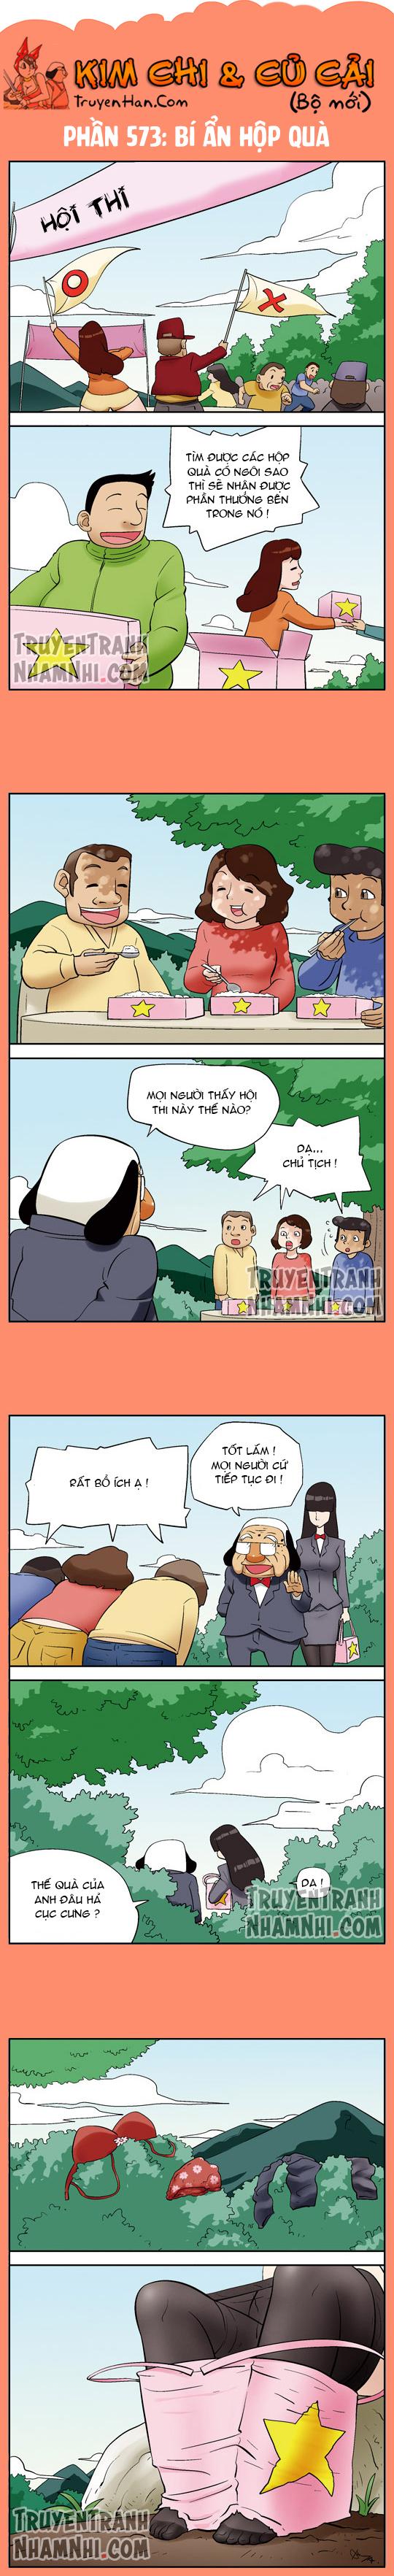 Kim Chi Và Củ Cải phần 573: Bí ẩn hộp quà